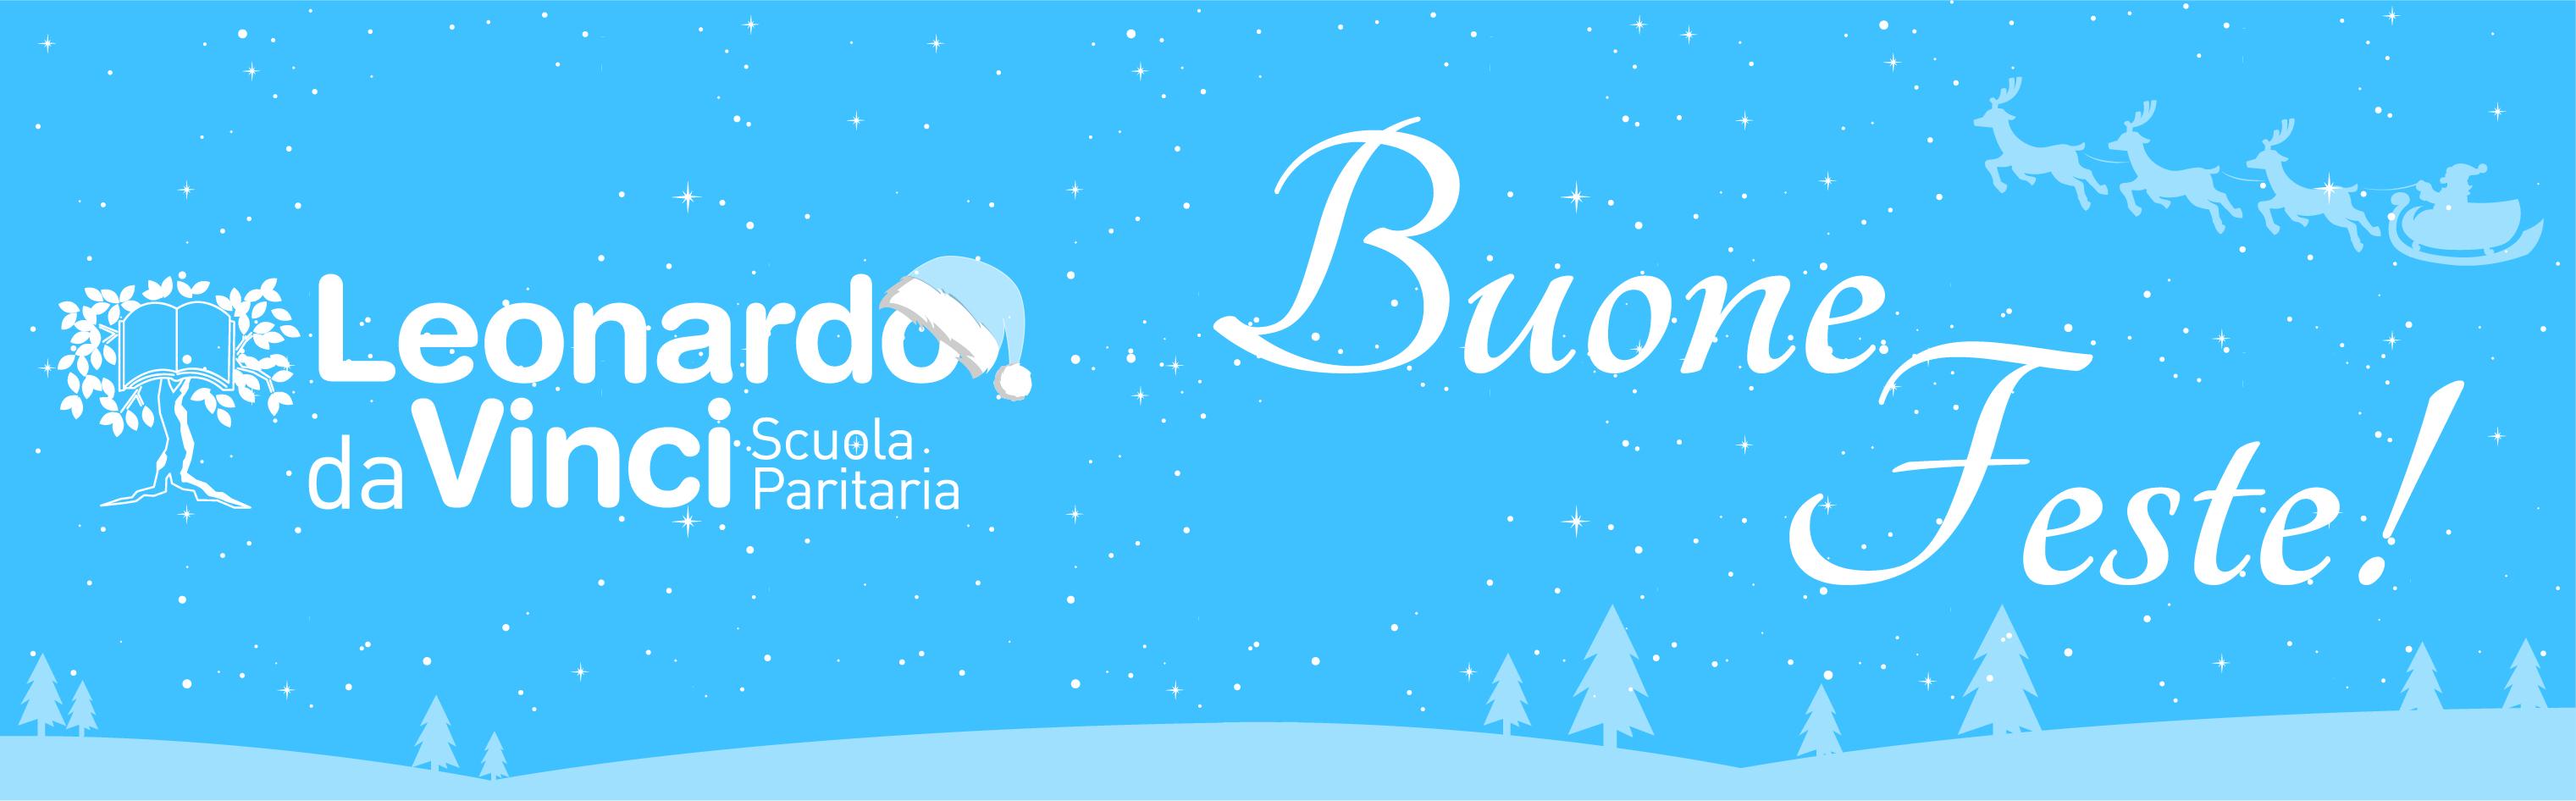 Vi auguriamo buon Natale e felice anno nuovo!